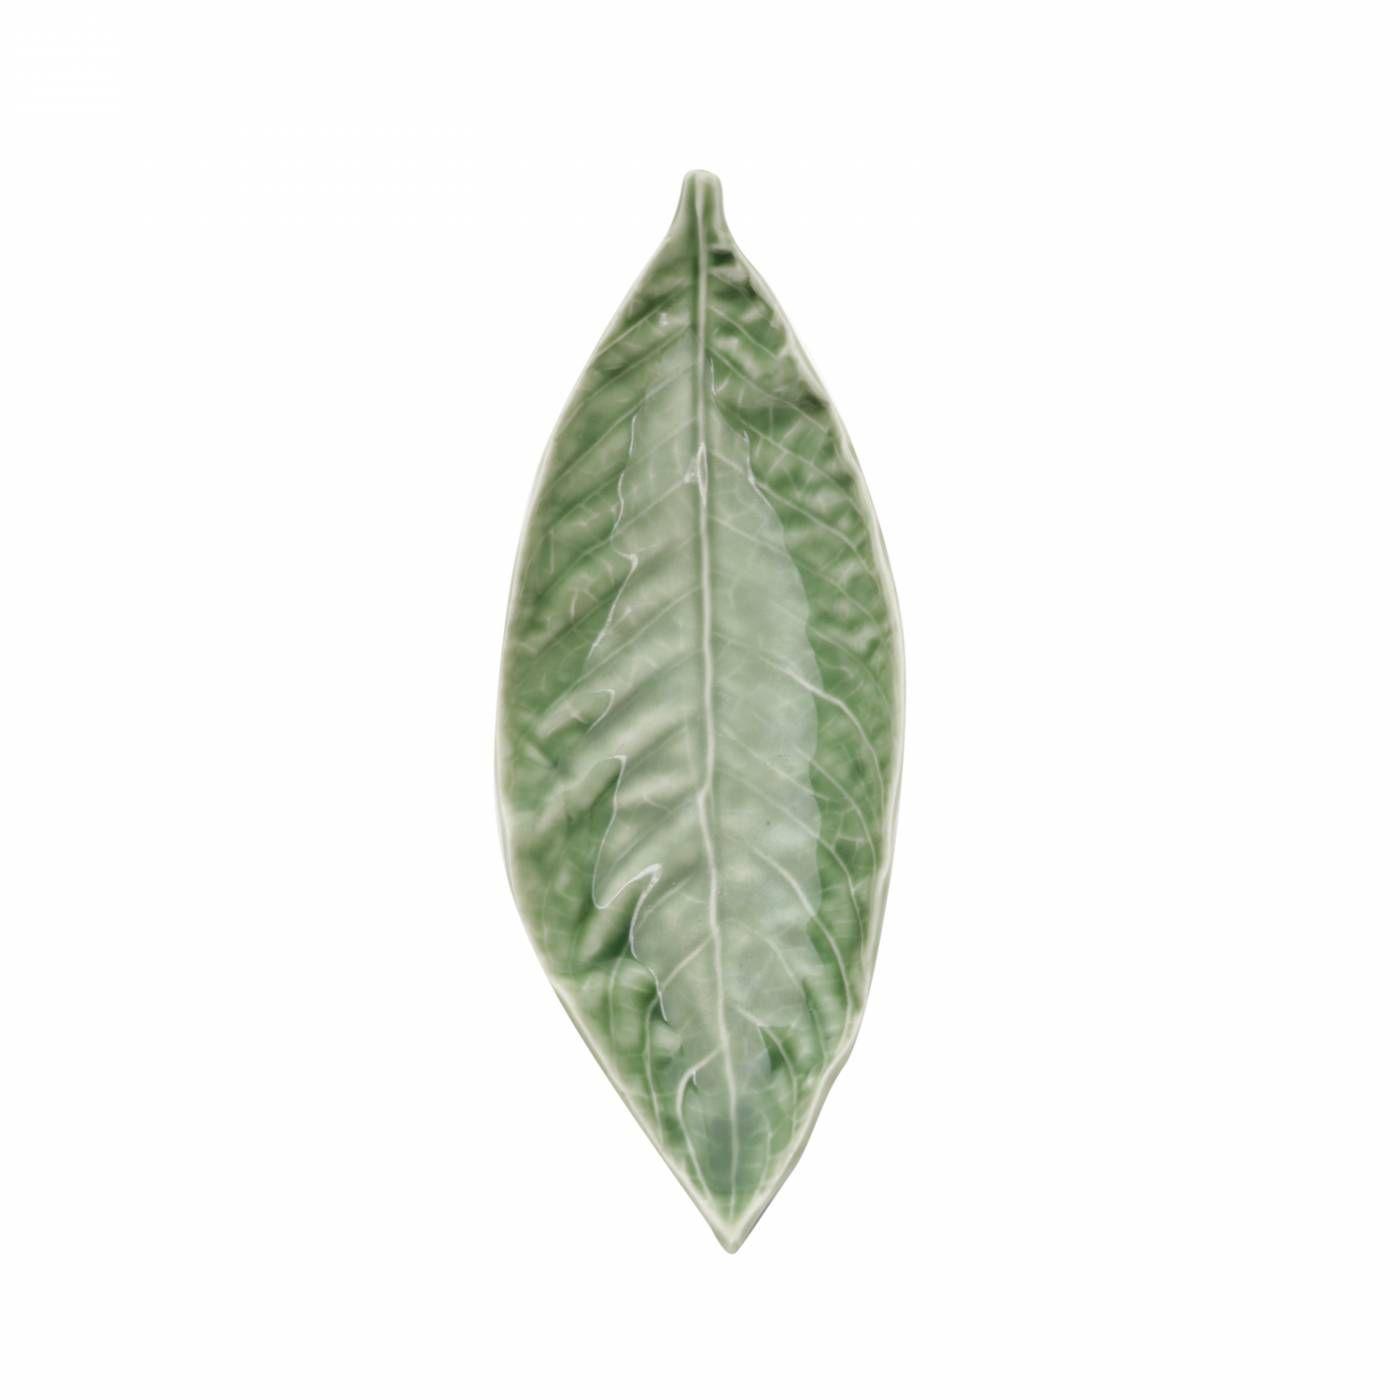 Centro De Mesa Em Cerâmica Verde Willow Leaf Urban 21x7,7x3cm